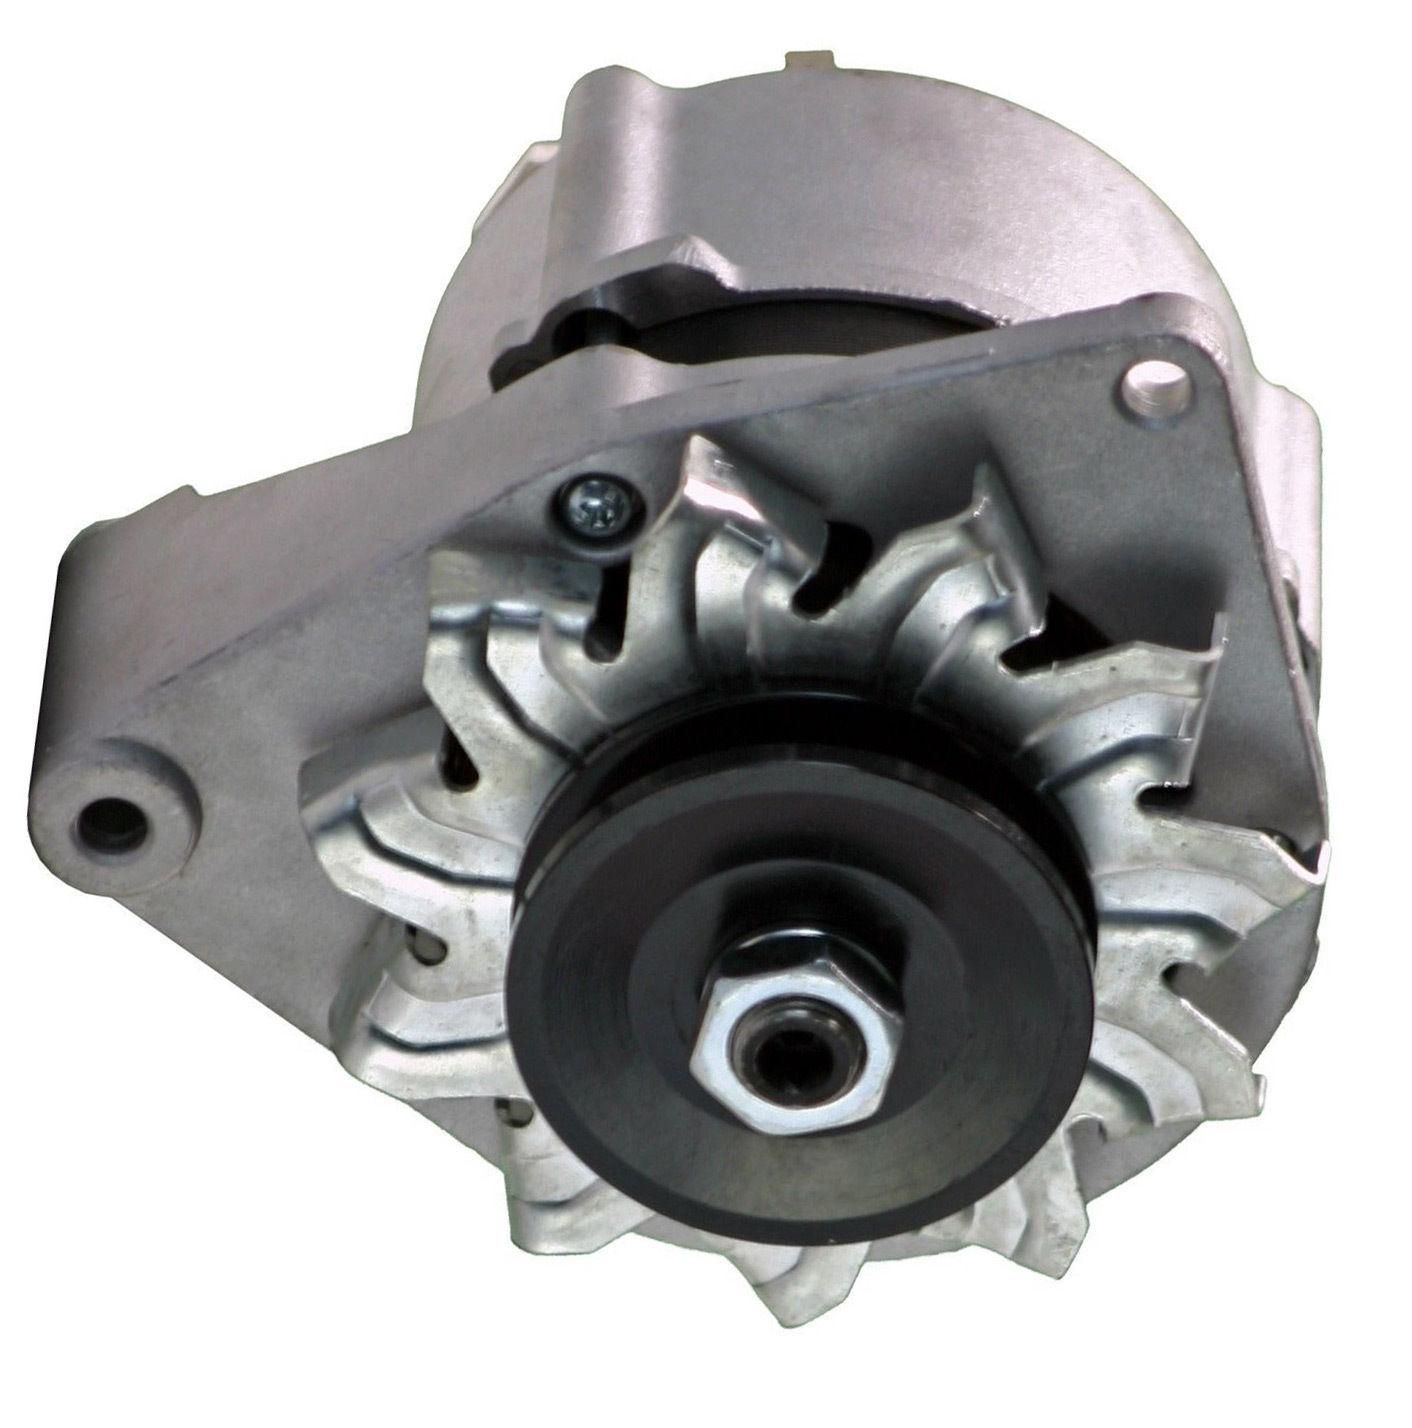 Details about Alternator VM Motori 2105 292 392 HR 292 392 HR192A Diesel RA  394